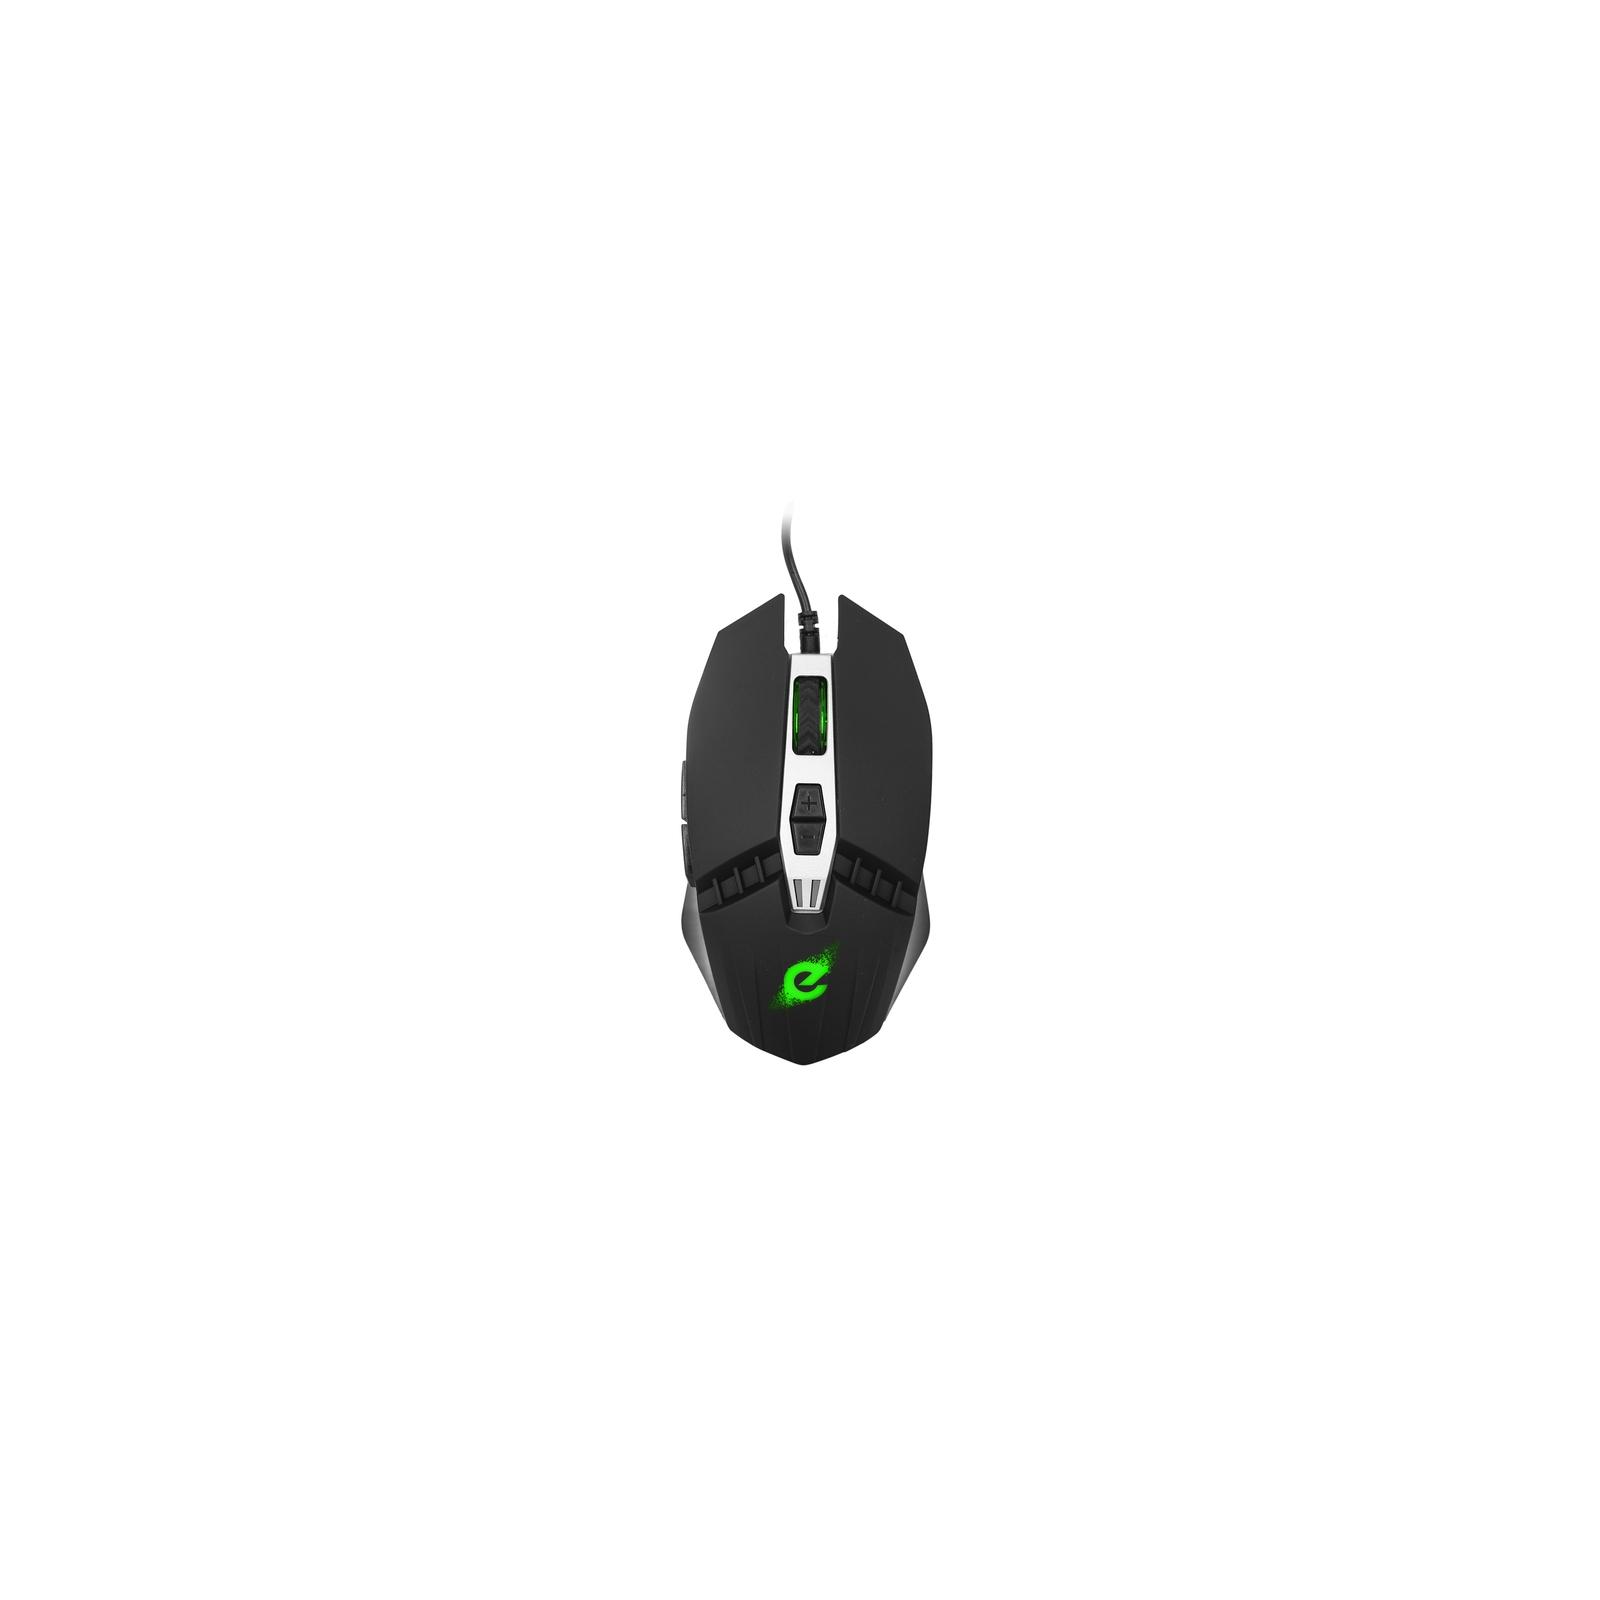 Мышка Ergo NL-710 Black (NL-710) изображение 4